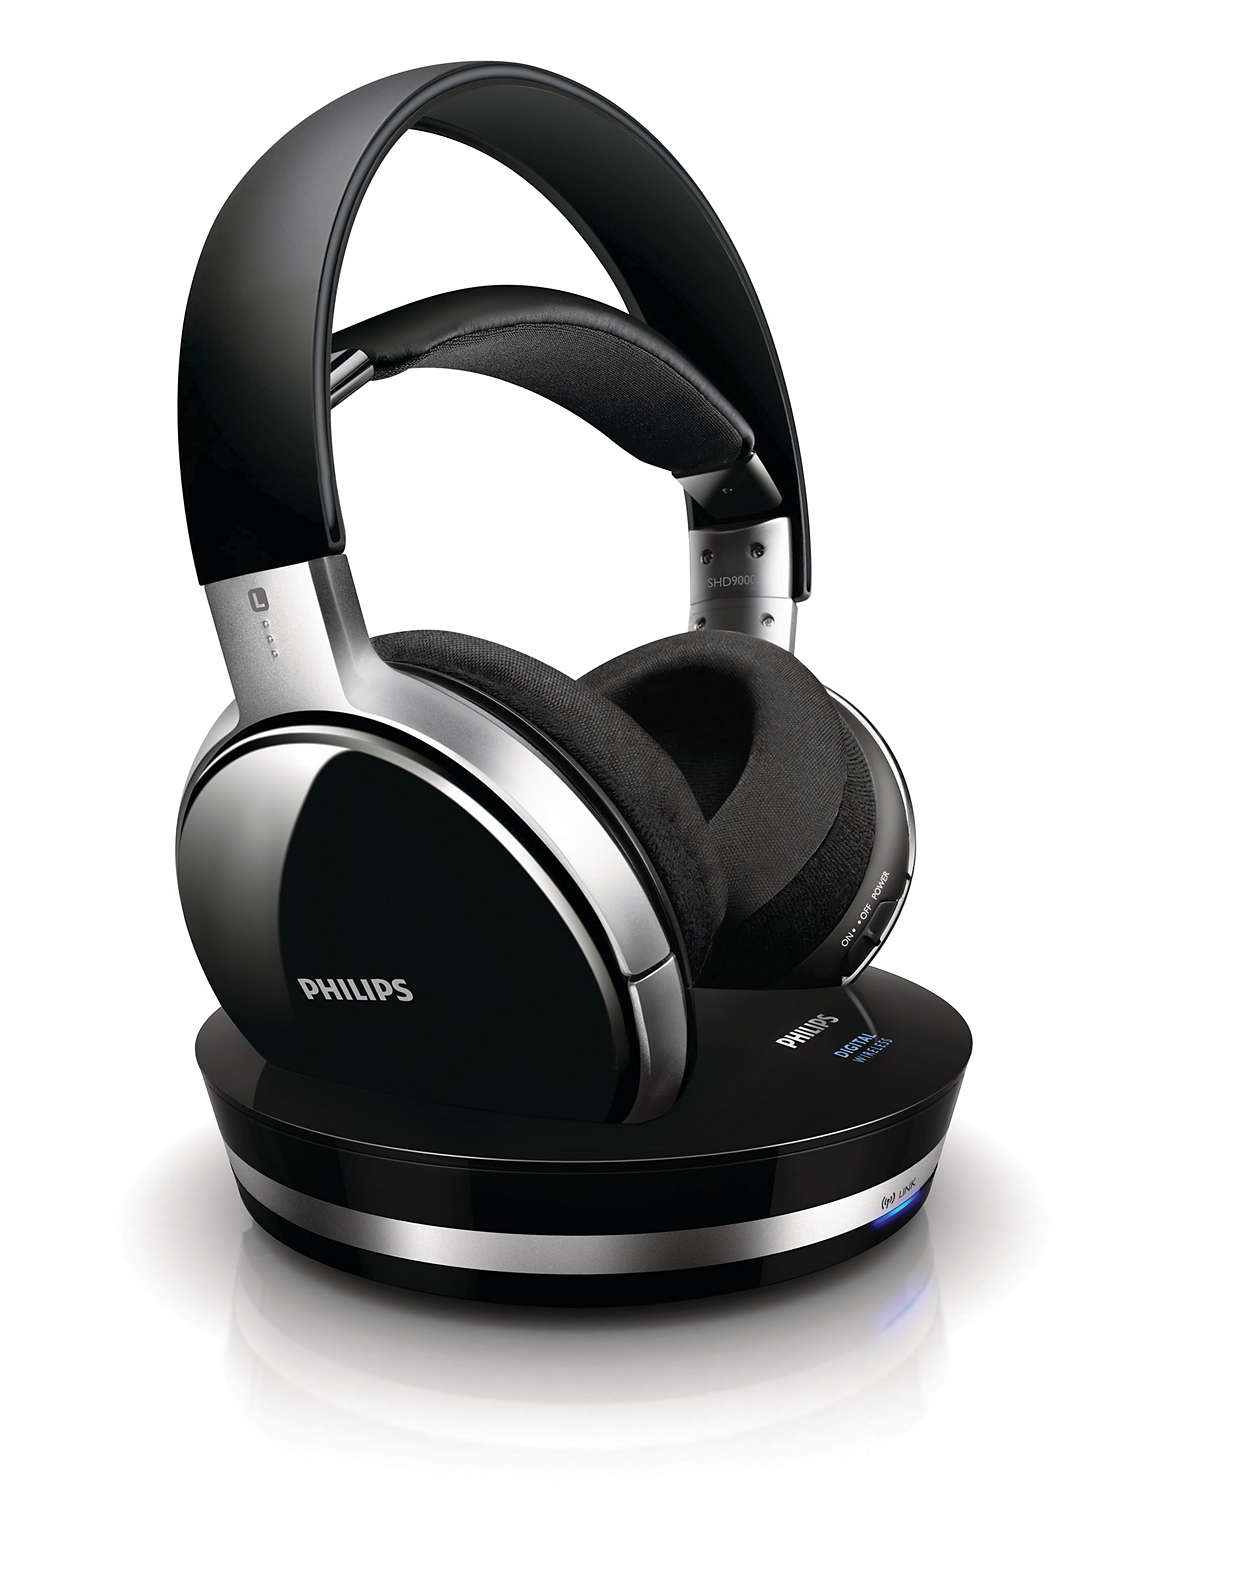 Valódi CD hangminőség digitális vezeték nélküli technológiával